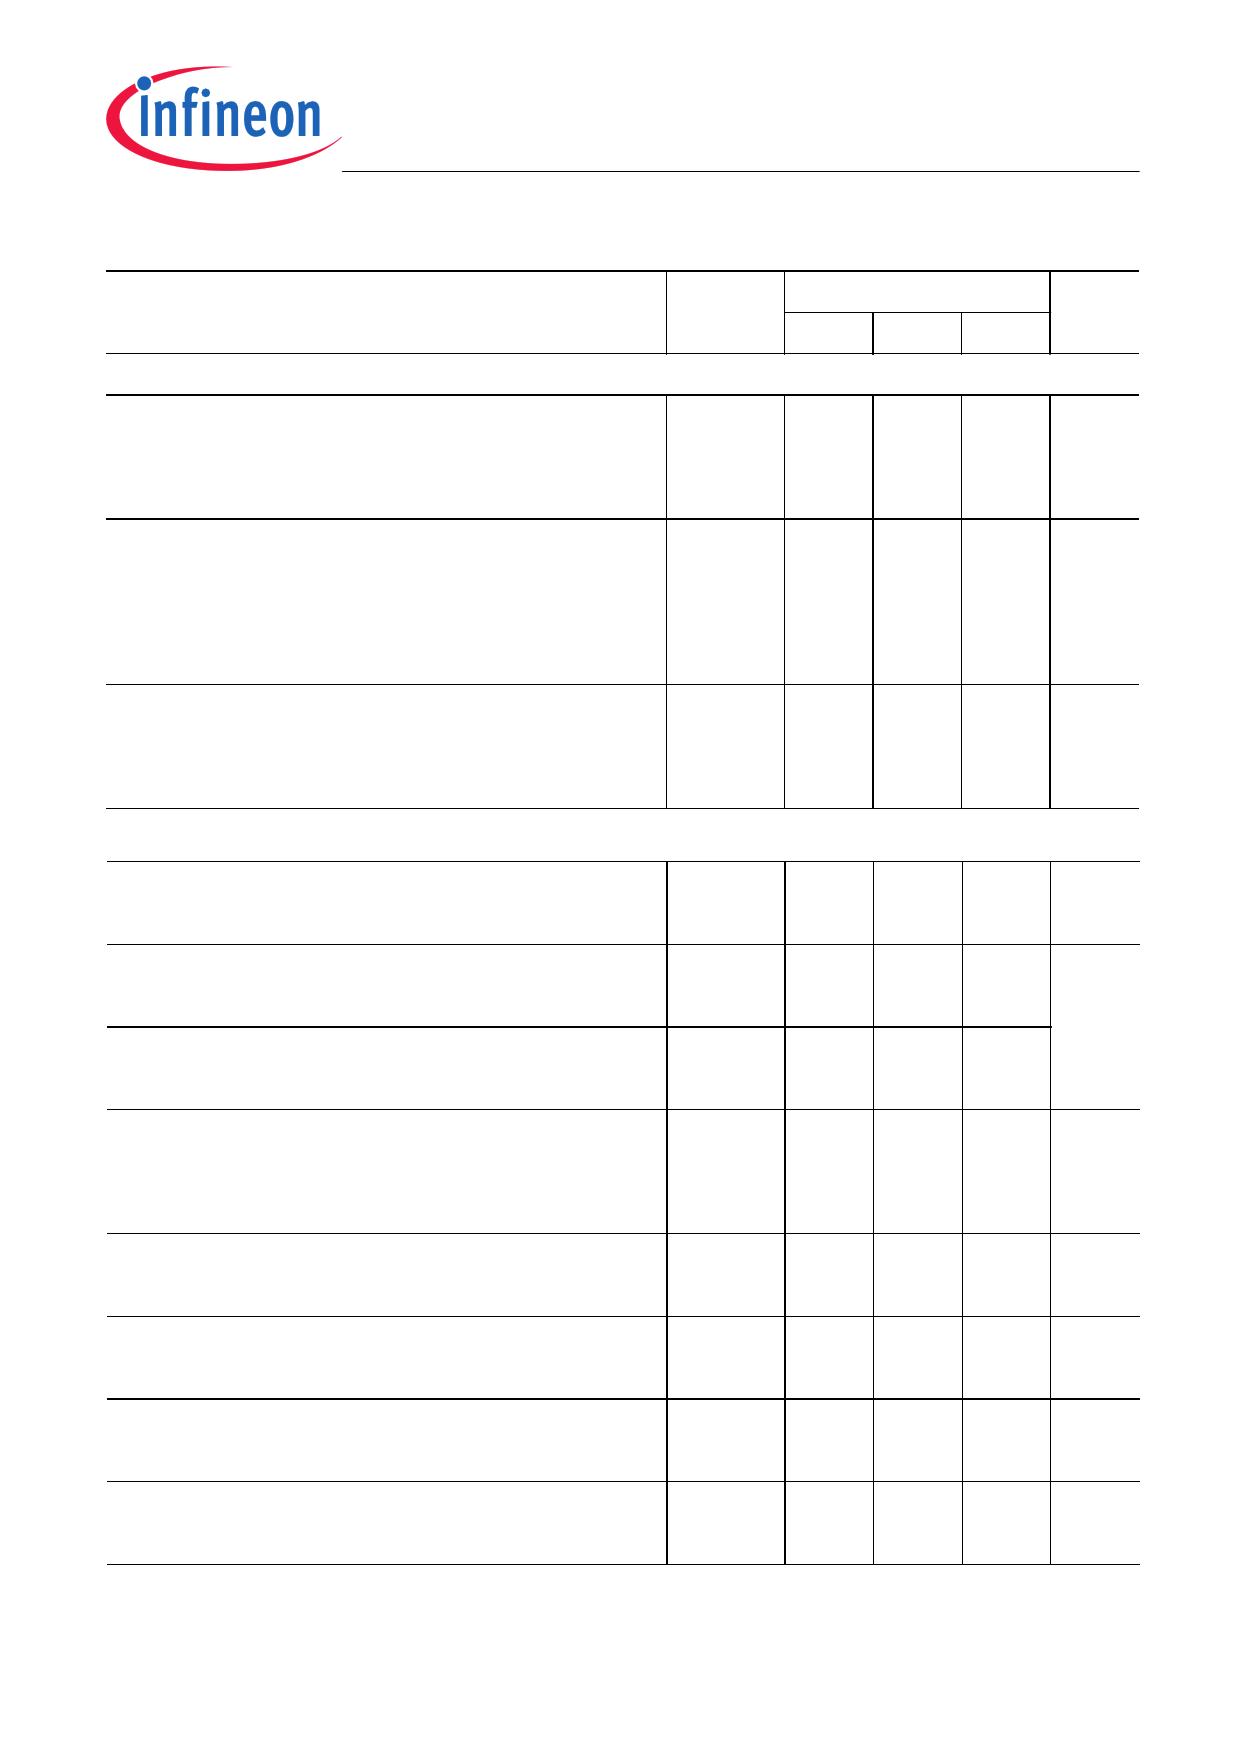 BCV61 pdf, ピン配列